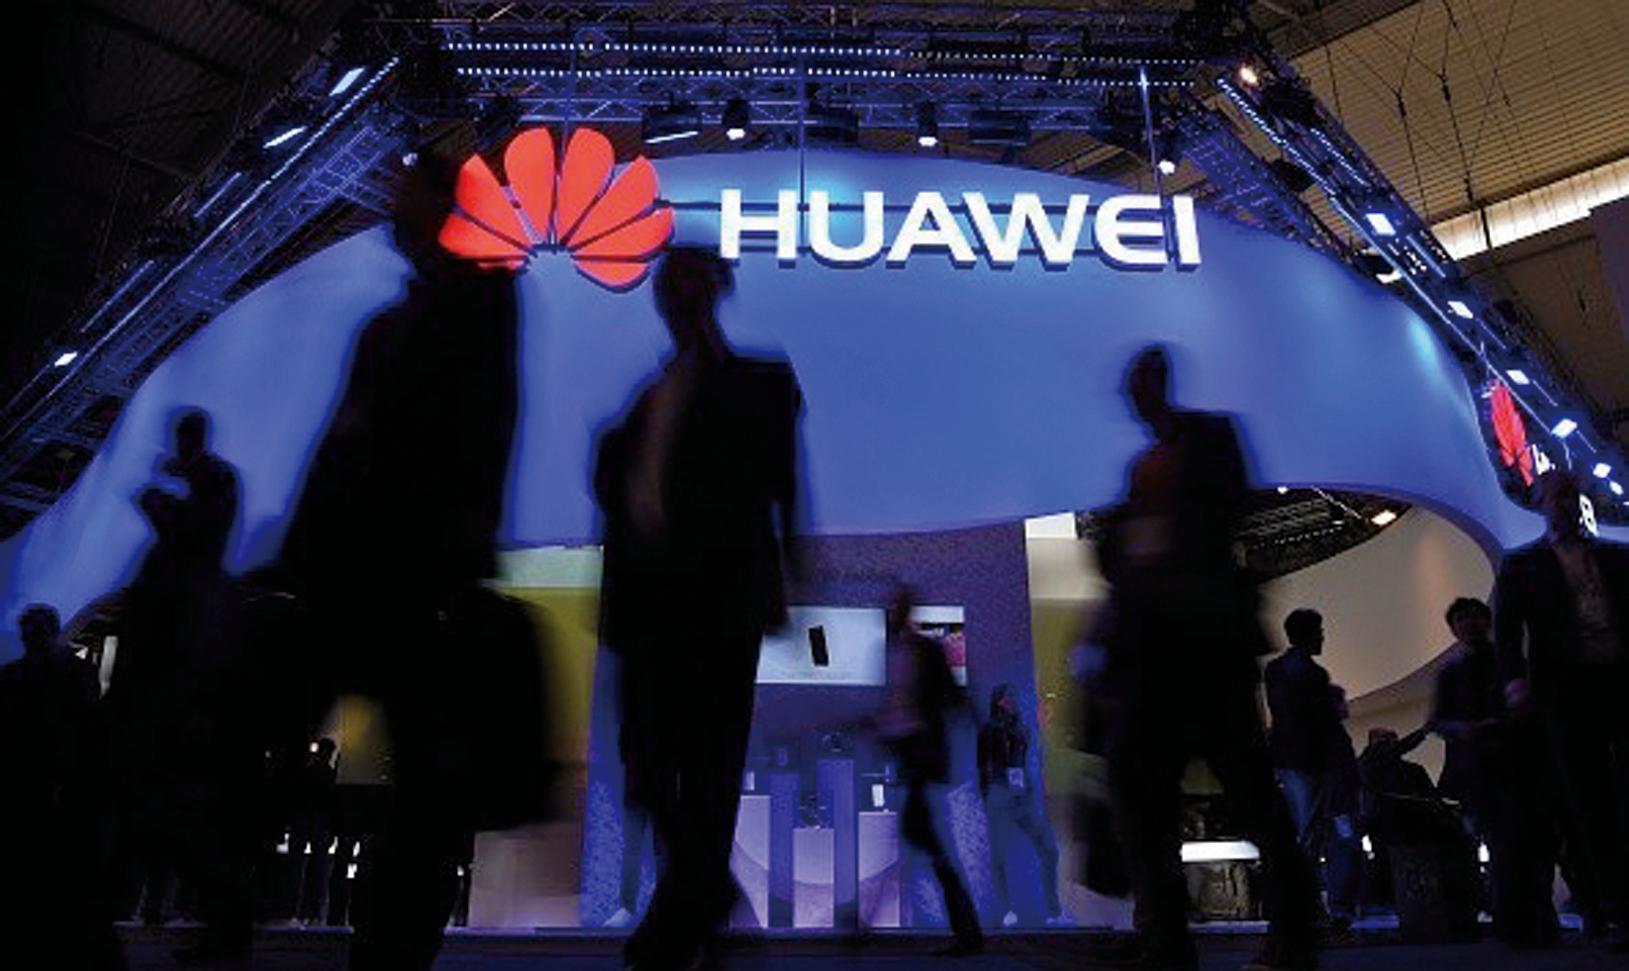 「中興通訊」剛剛被解禁,另一家中國通訊巨頭「華為」又被控涉竊密風波。(Getty Images)